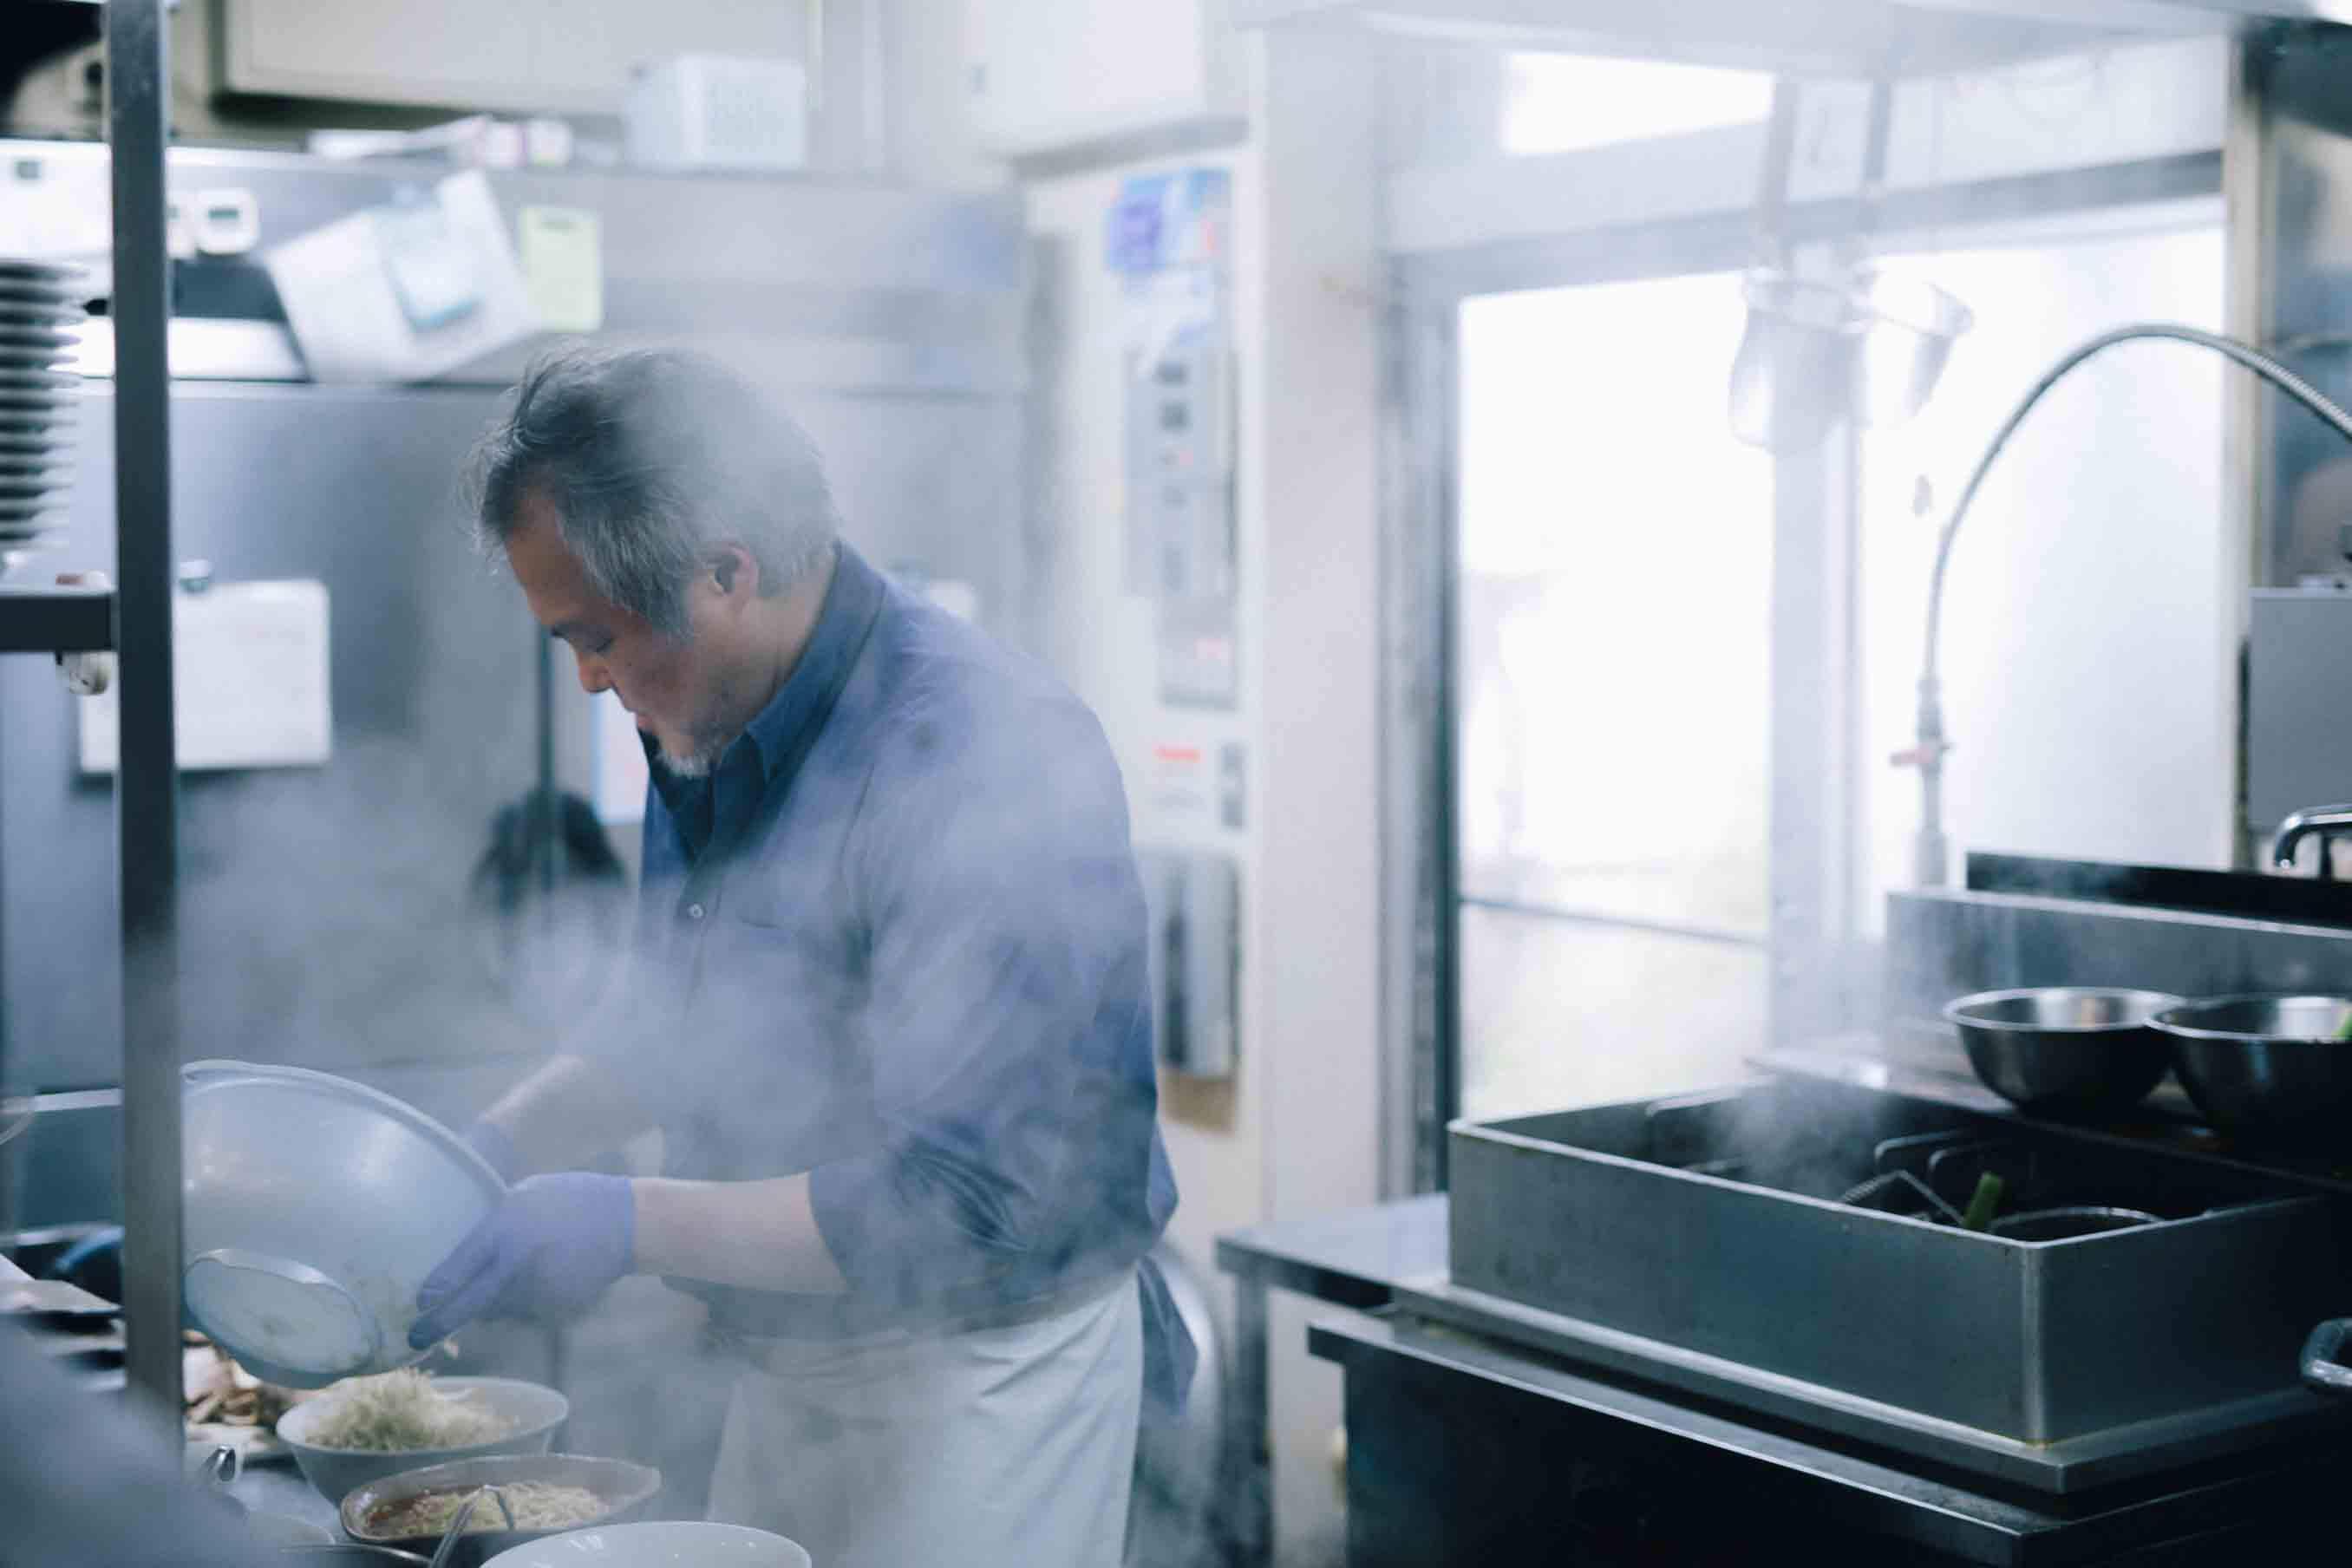 株式会社麺屋万太郎社長で、十日町ラーメン会十連会長も務める、板場克也 (いたば かつや) さん